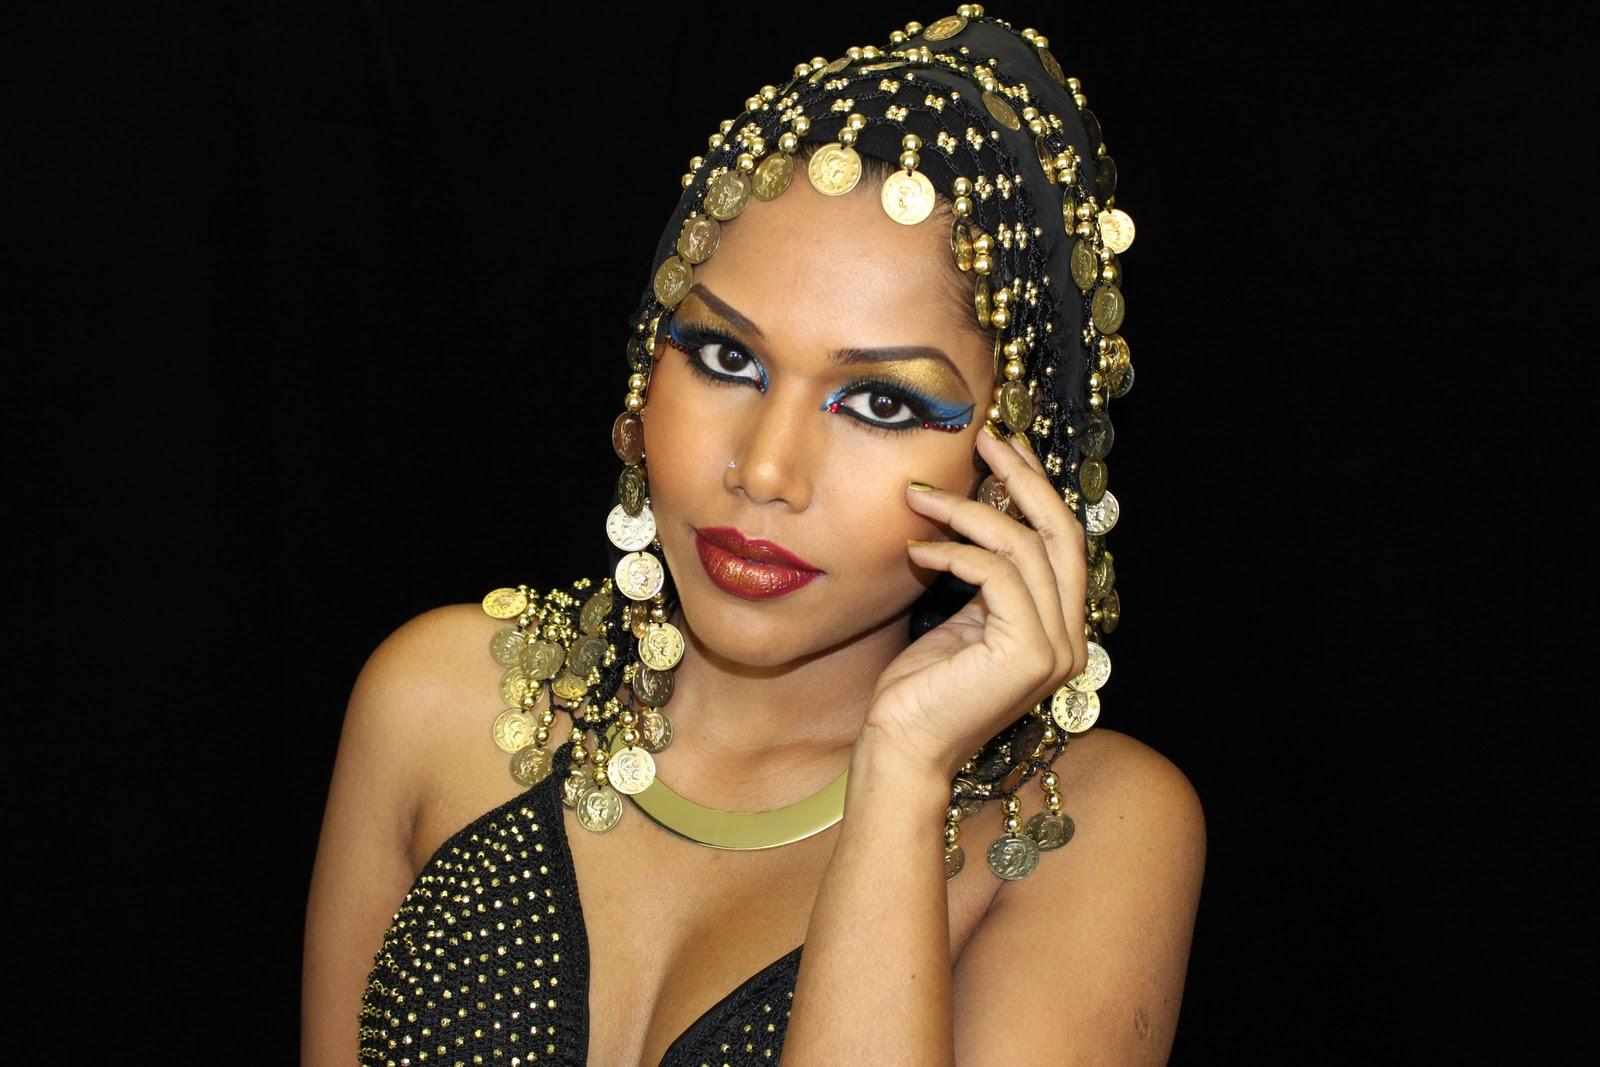 Umapreve Queen Cleopatra Inspired Makeup Look Fancy